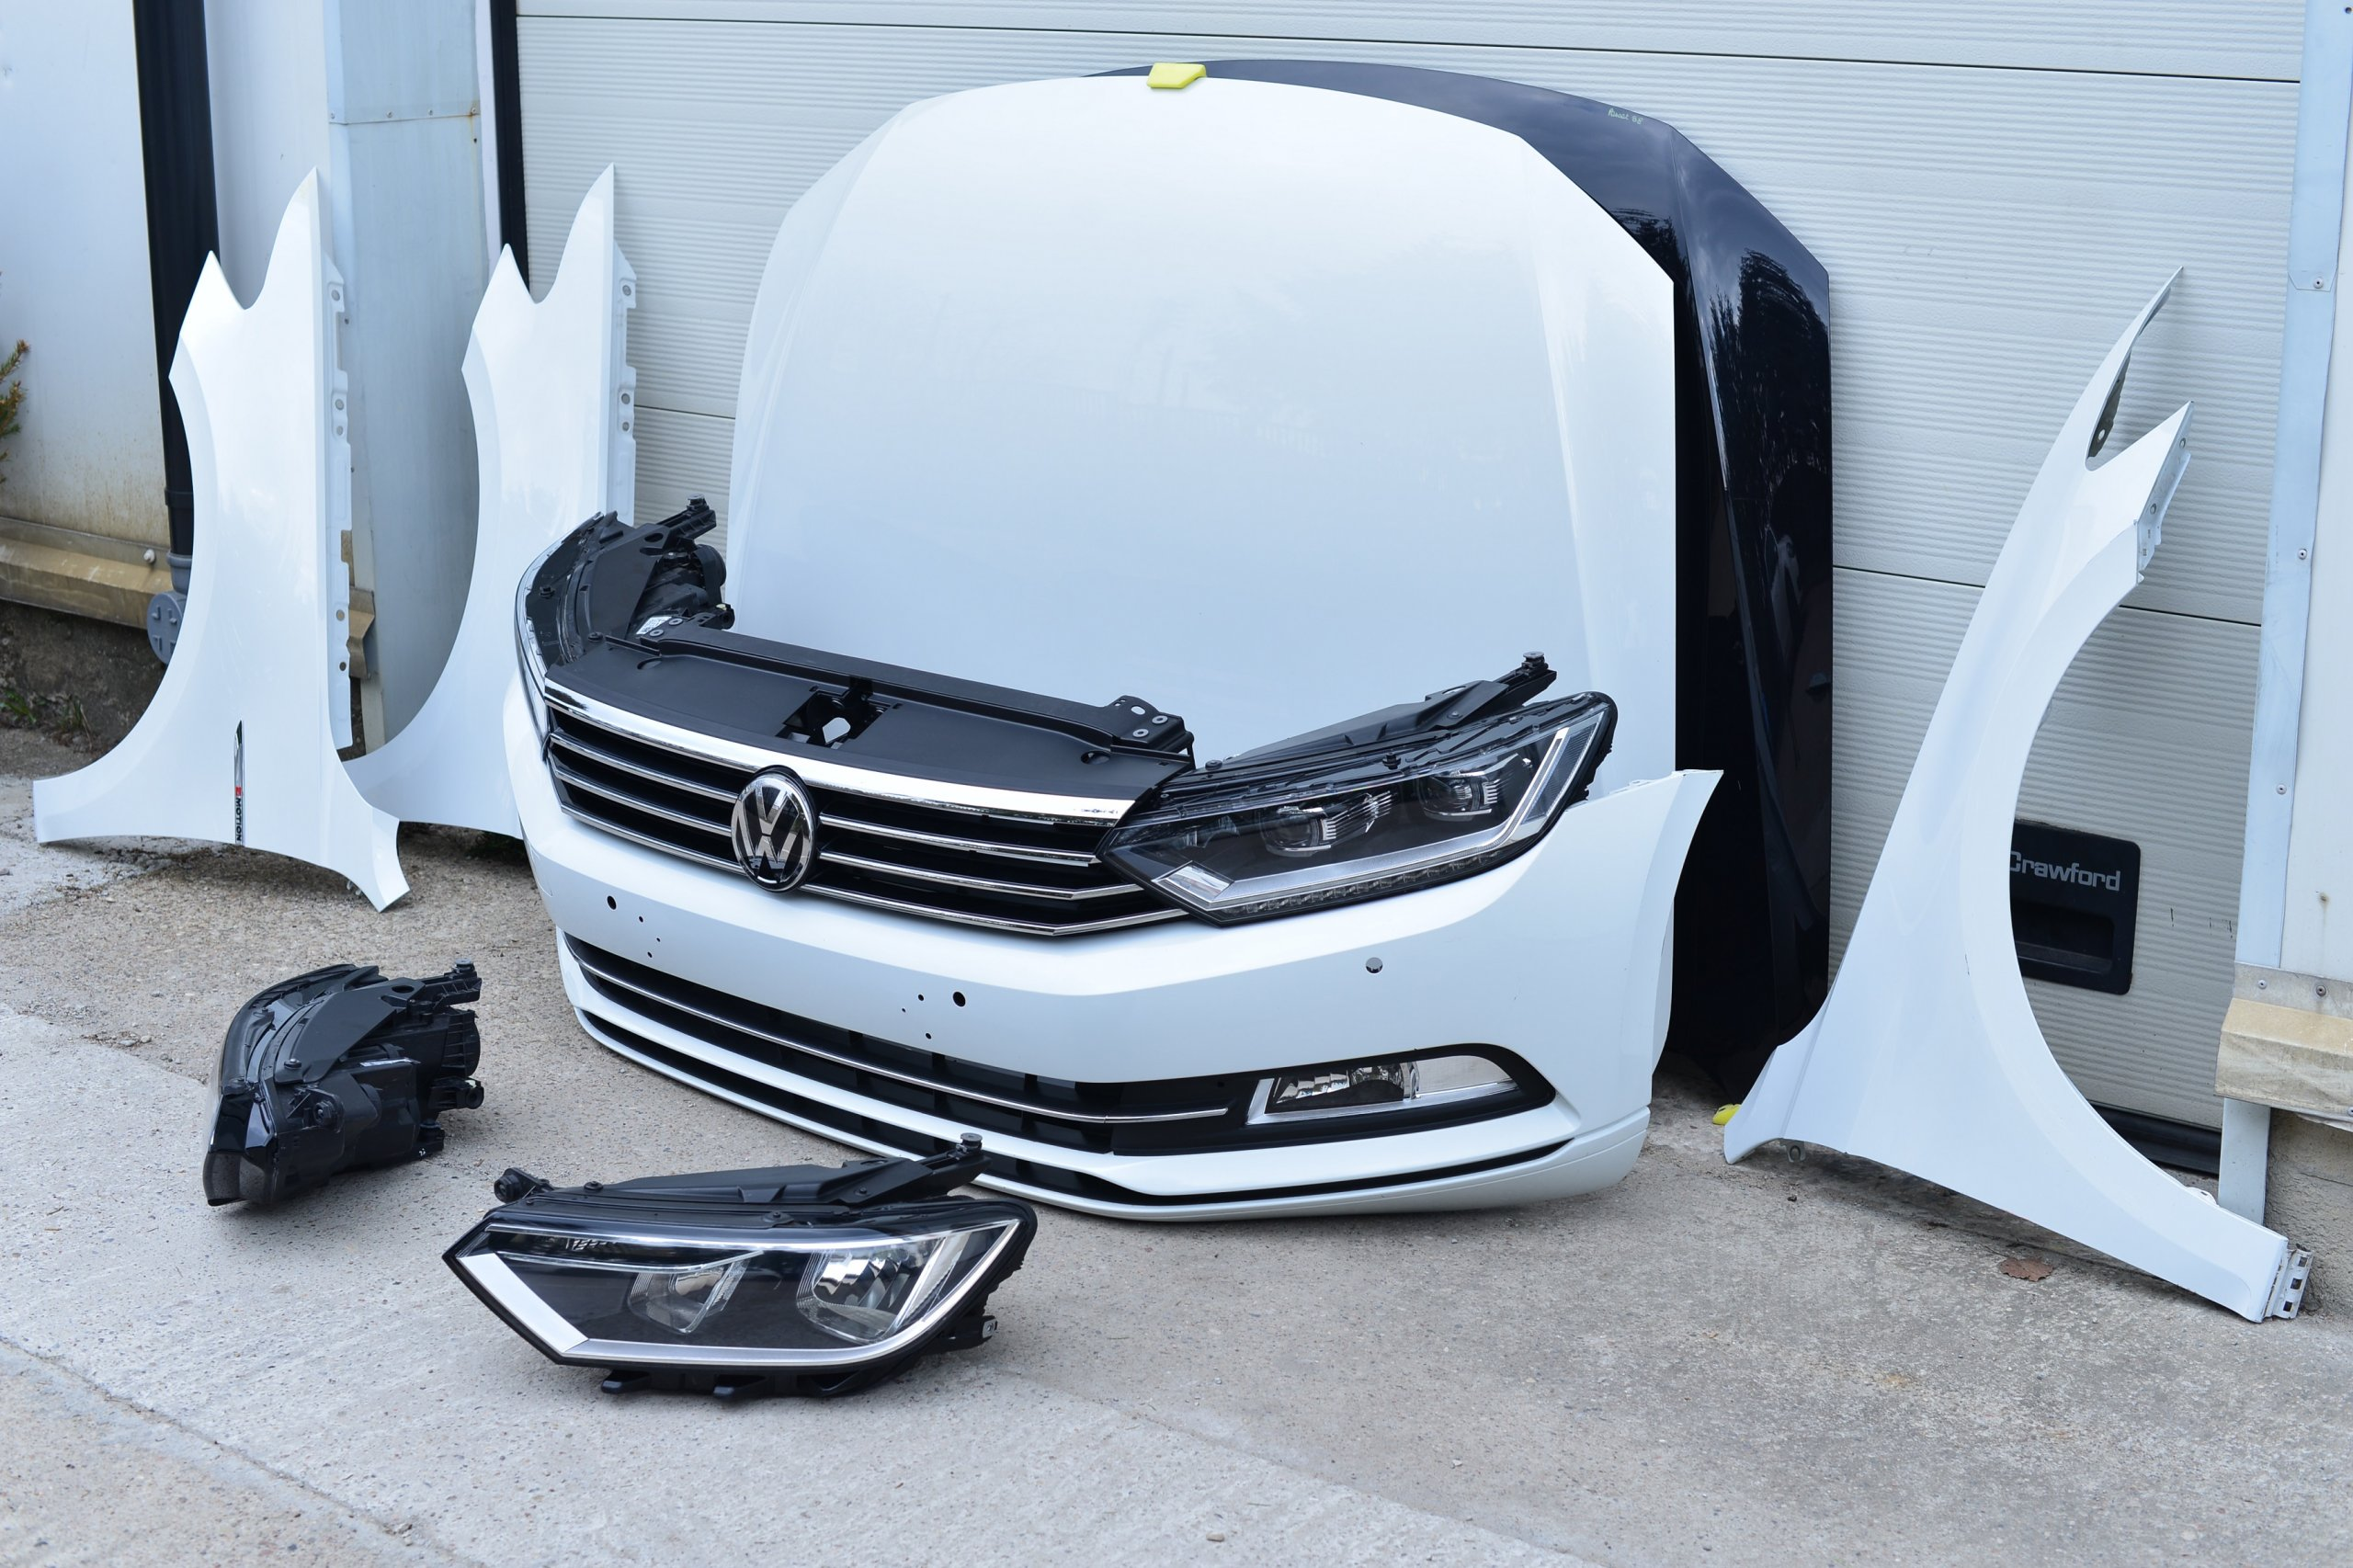 [КАПОТ ZDERZAK КРЫЛО REFLEKTOR PAS VW PASSAT B8 из Польши]изображение 2